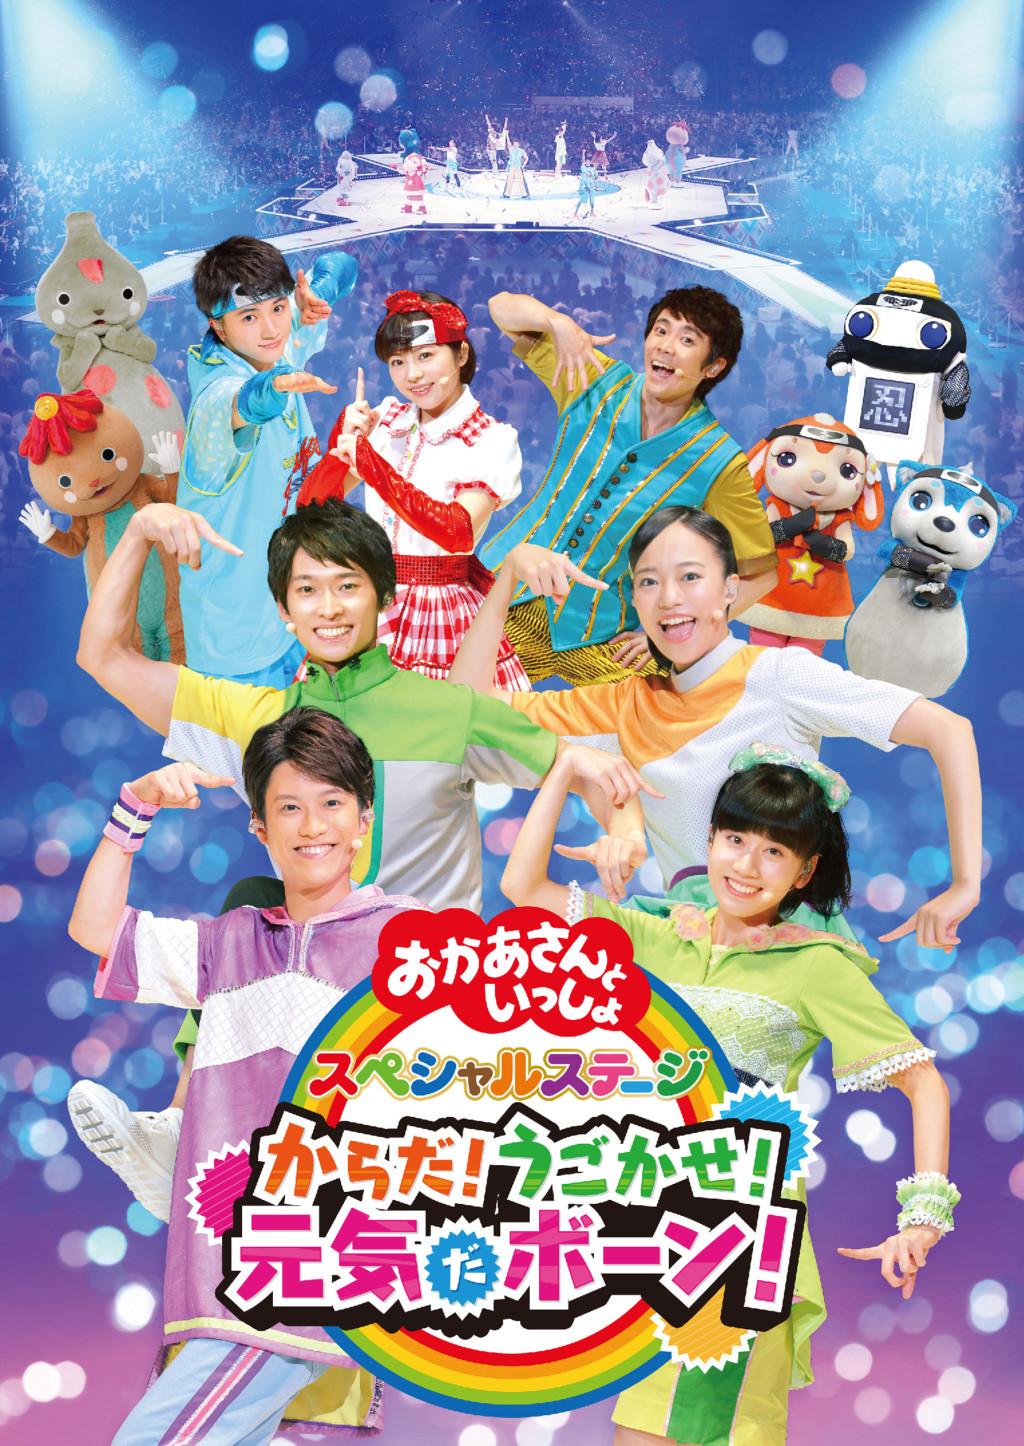 「おかあさんといっしょ」スペシャルステージ からだ!うごかせ!元気だボーン!【DVD】